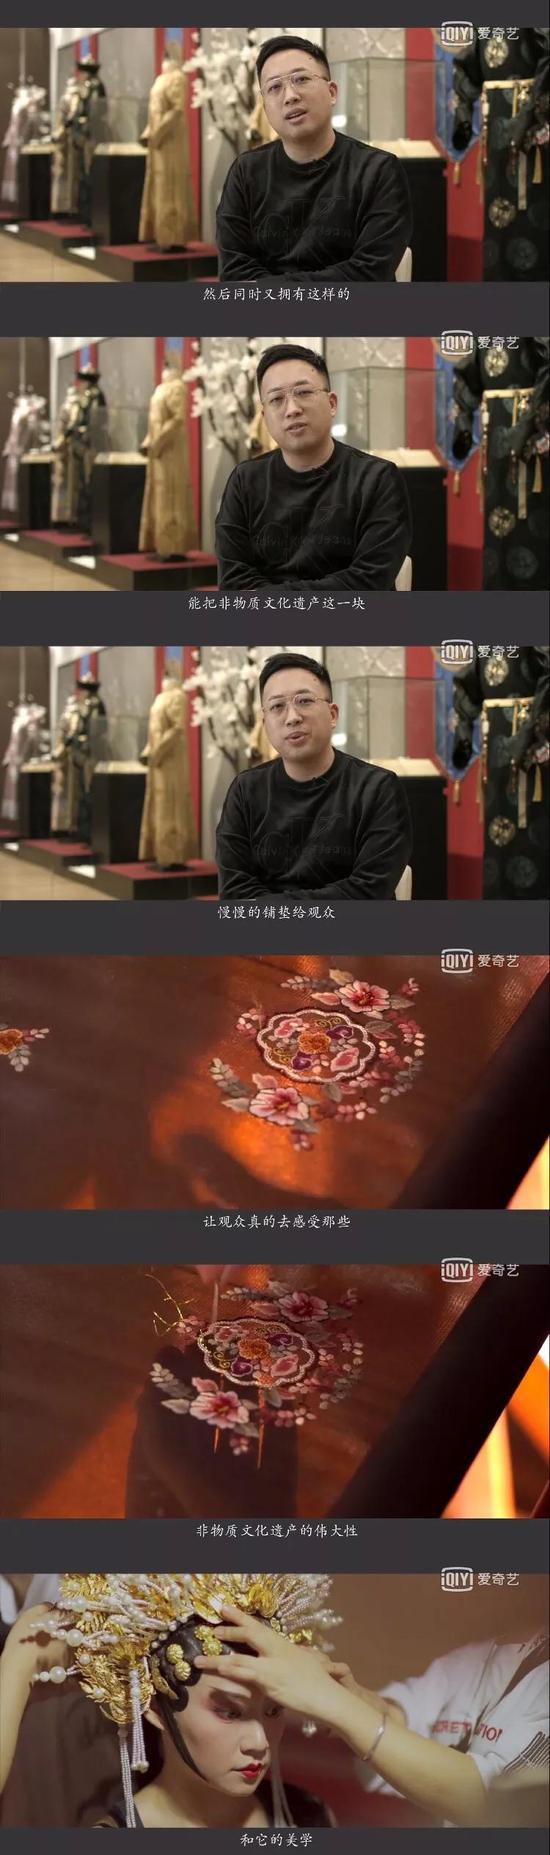 城中话题 |《延禧攻略》看皇帝和娘娘们追捧的清宫时尚